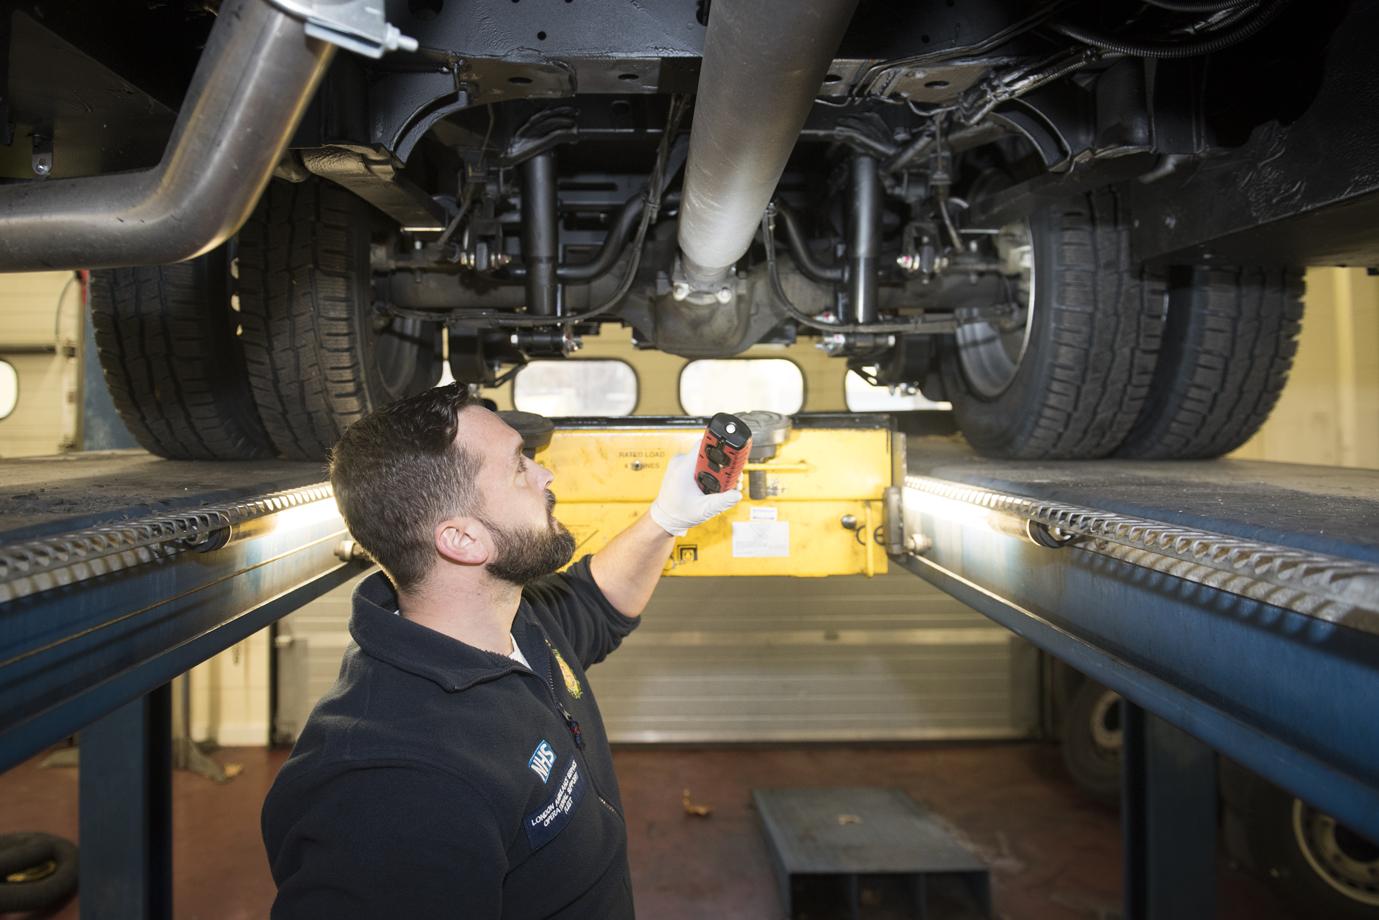 Workshop staff member looks beneath ambulance on ramp